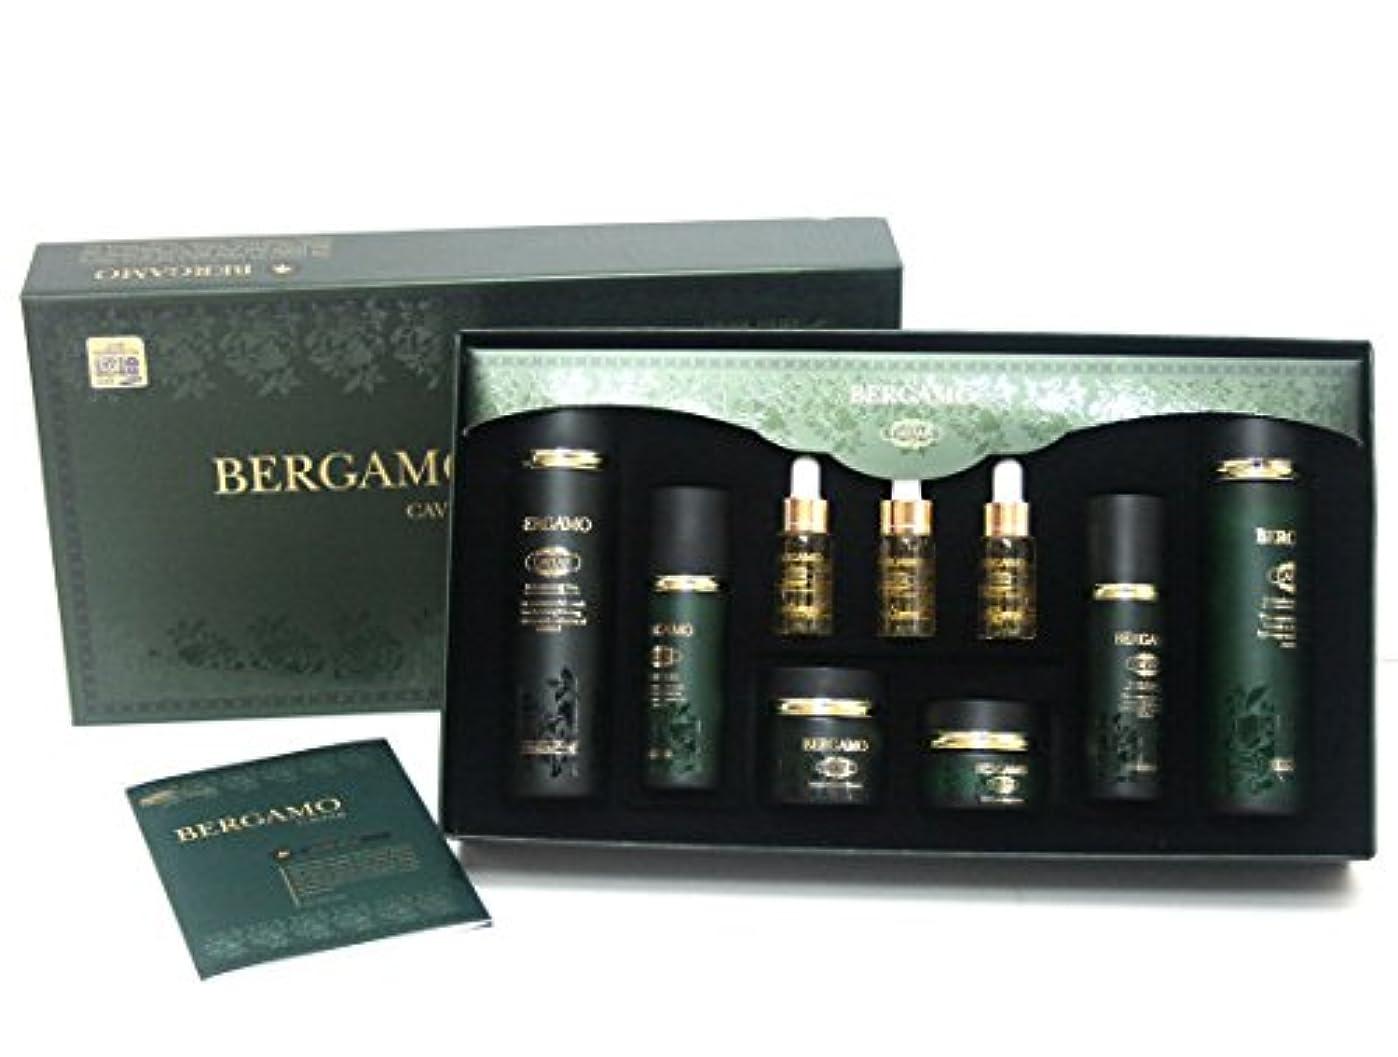 注入する北へ移行[Bergamo] キャビアの豪華ギフトセットプログラムセット9pcs/水分、栄養、弾力/韓国の化粧品/Caviar Luxuries Gift Set Program Set 9pcs/Moisture, nutrition...